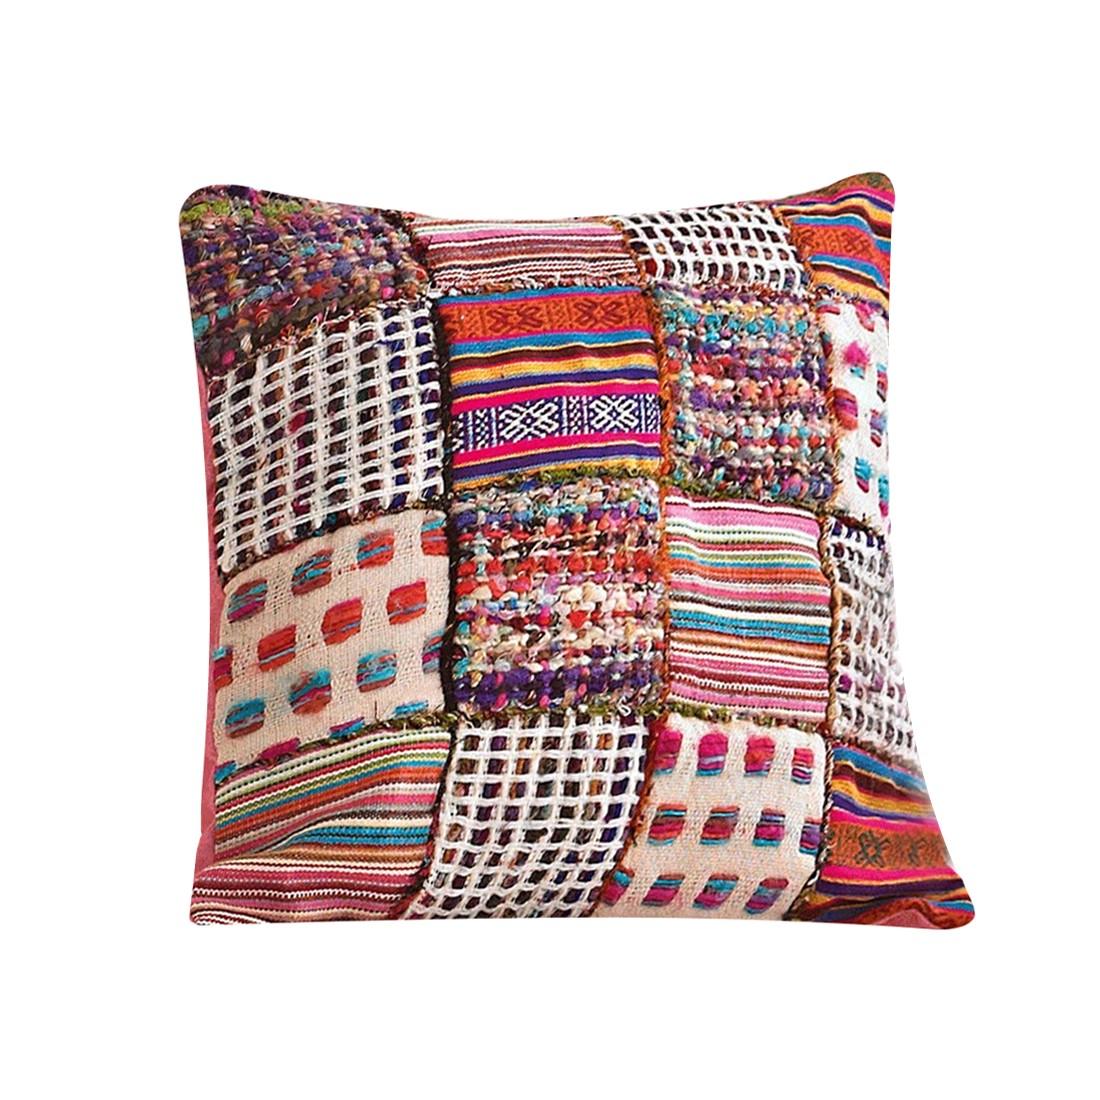 Patchwork-Kissenhülle – Viskose/Baumwolle – Bunt, PureDay online bestellen